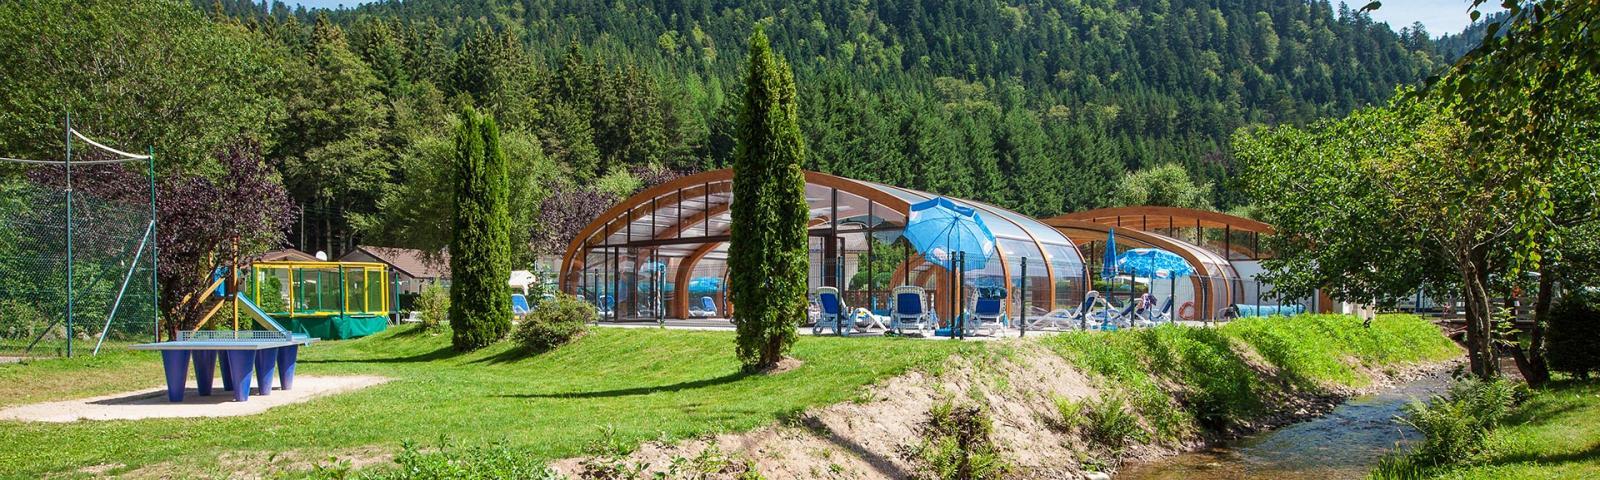 Camping verte vall e piscine chauff e lac dans les vosges - Camping gerardmer piscine couverte ...